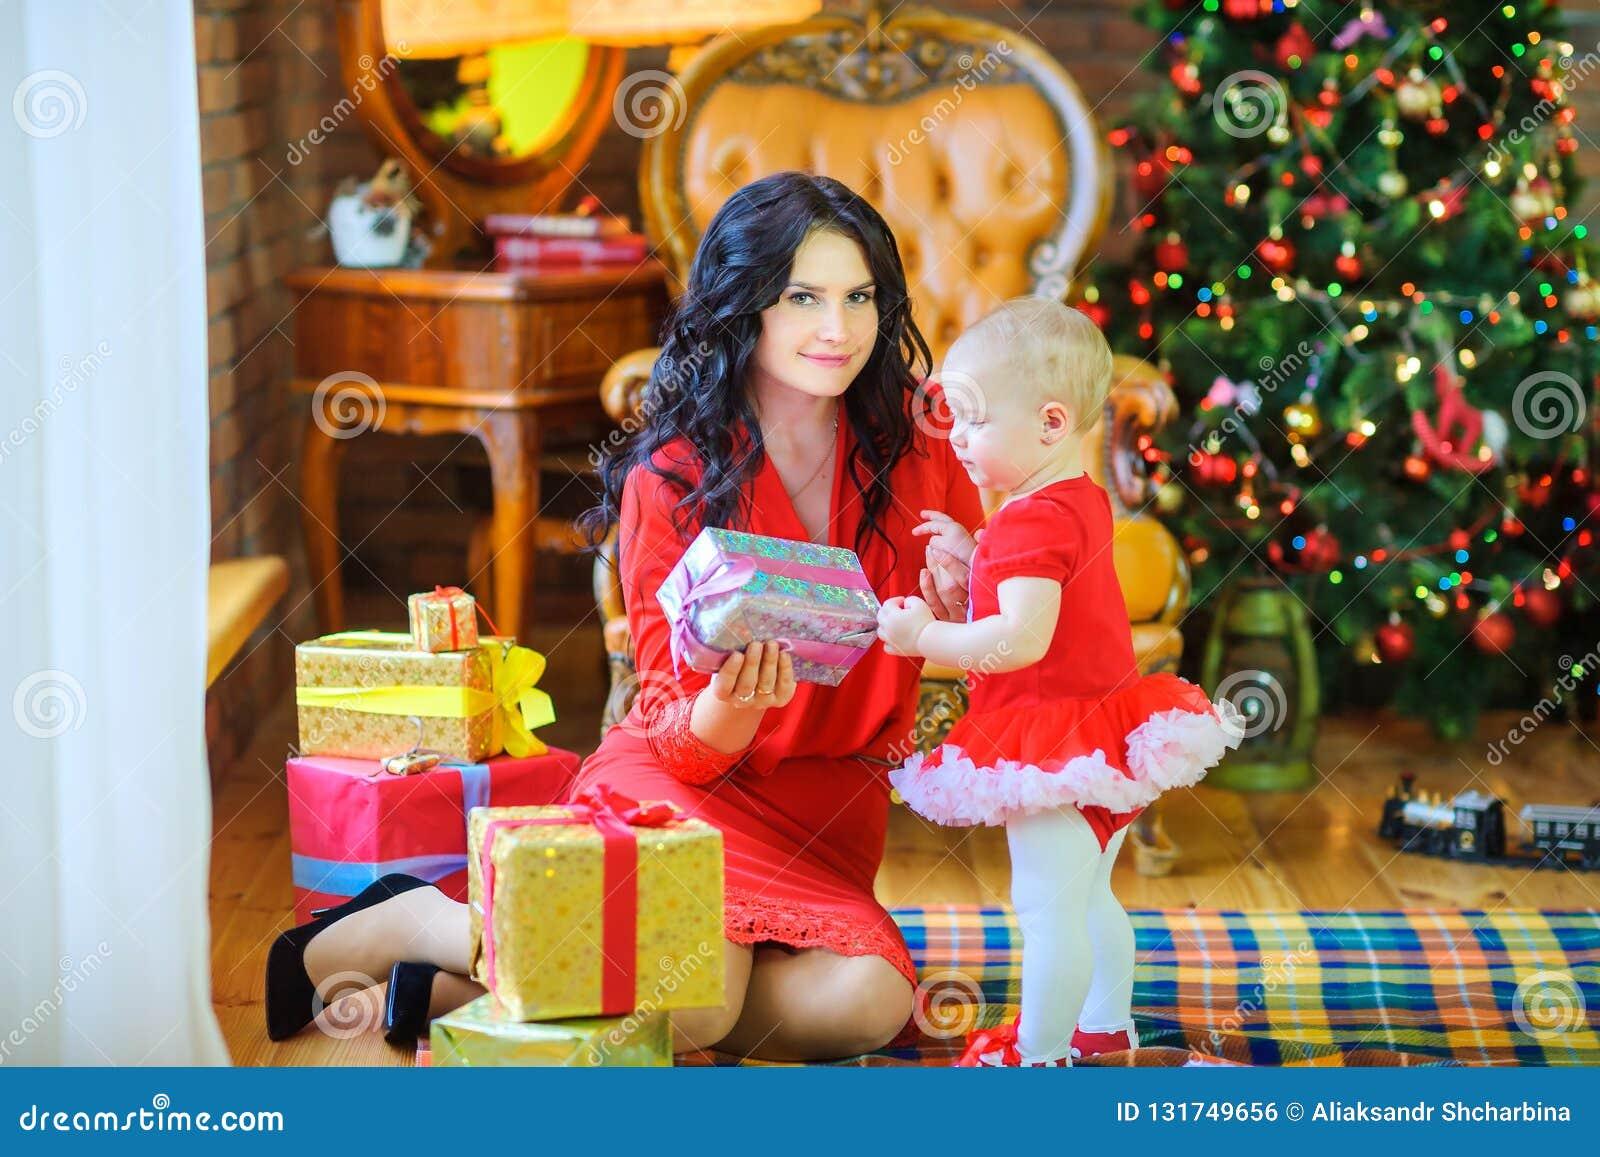 Η συνεδρίαση μητέρων στο πάτωμα κοντά στο χριστουγεννιάτικο δέντρο δίνει ένα δώρο στην αγαπημένη κόρη της